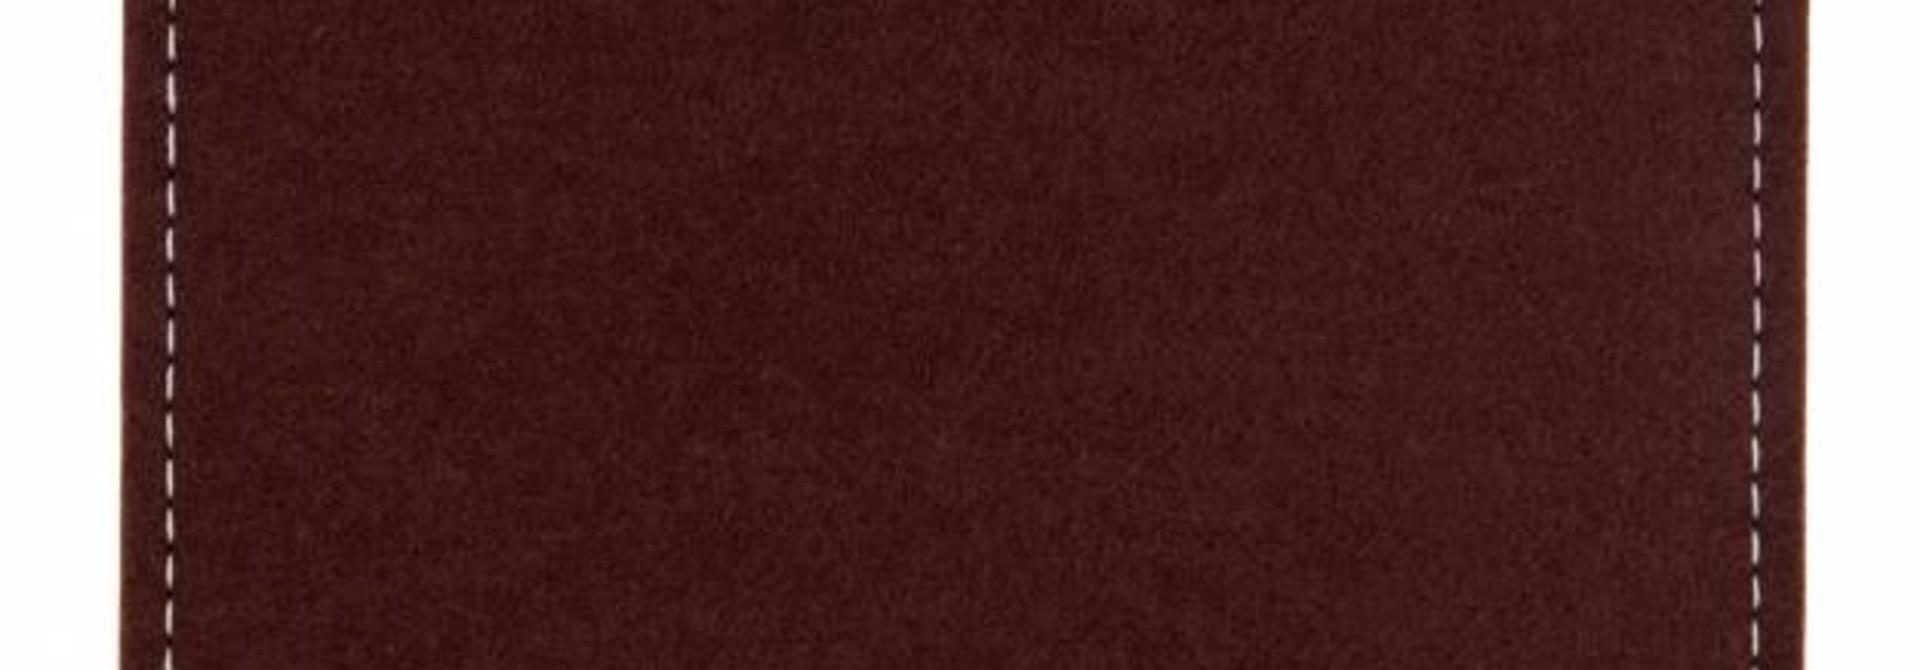 Iconia Sleeve Dark-Brown